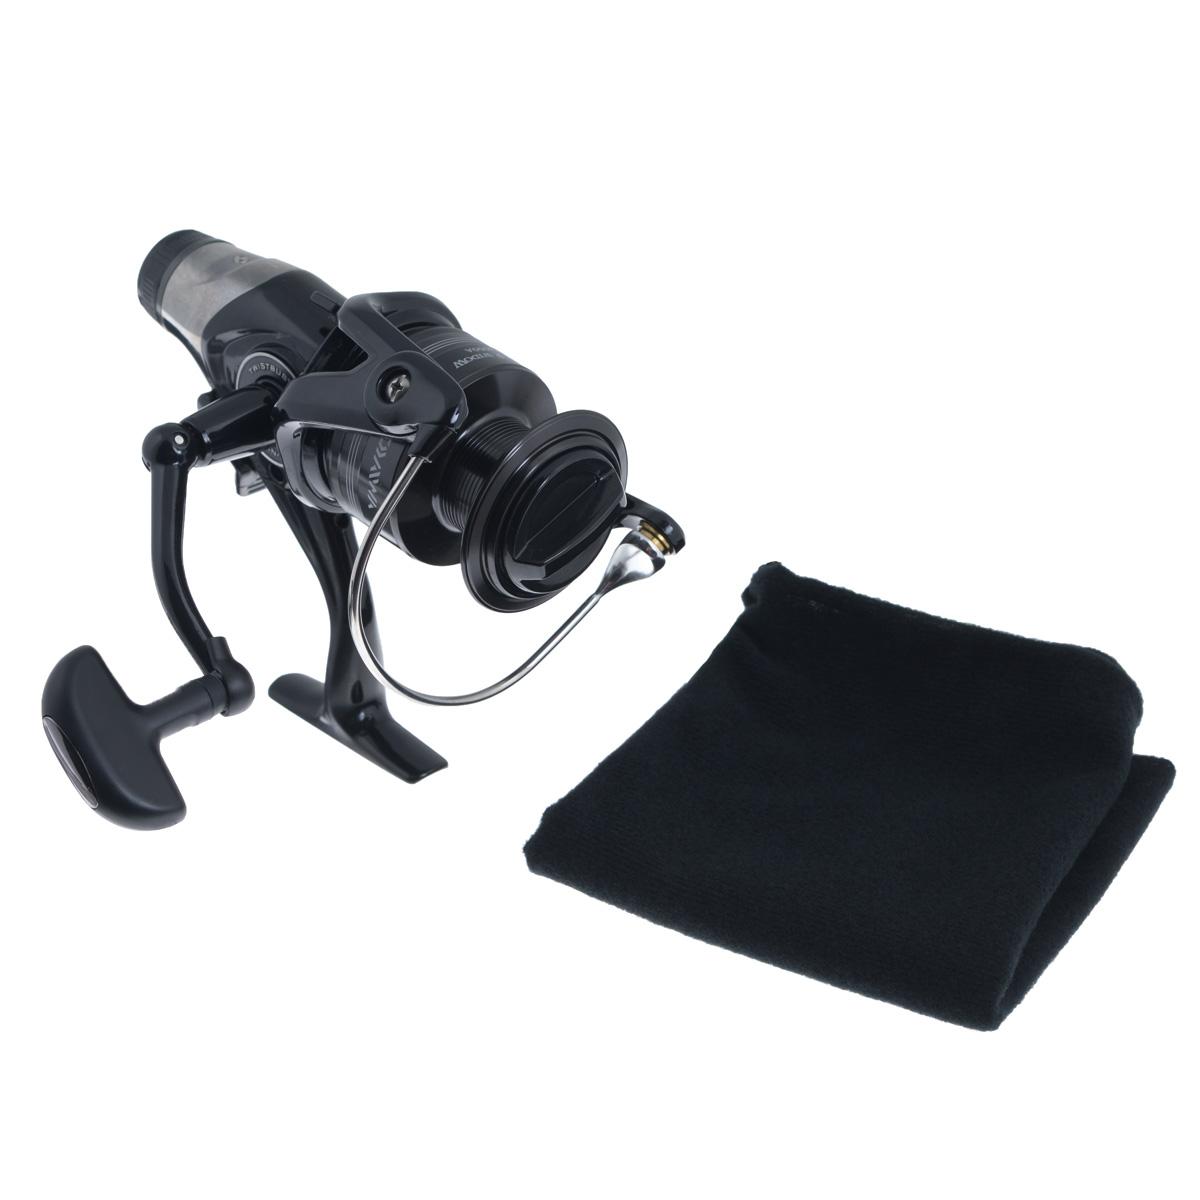 Катушка безынерционная Daiwa Black Widow BR 4000A, цвет: черный41643Серия BLACK WIDOW теперь представлена не только в серии популярных удилищ, но и в новой линии катушек с бейтранером. Точная регулировка механизма бейтранера позволяет значительно расширить сферу использования катушек. Вы можете с успехом ловить как карпа, так и угря и судака. Катушка Daiwa Black Widow BR 4000A создана по высоким японским производственным стандартам и отличается великолепным соотношением цены и качества. Механизм BitenRun. TWIST BUSTER - противозакручиватель лески с покрытием твердым хромом и нитридом титана, защищенный бамперным элементом. AIR BAIL - трубчатая (полая), но супер прочная и легкая дужка особой конструкции, которая предотвращает закручивание лески. INFINITE ANTI-REVERSE - система мгновенного стопора обратного хода ротора. В основе лежит роликовый подшипник, предотвращающий обратное вращение (блокировка по принципу обгонной муфты). Вес катушки: 459 г. Емкость шпули: 0,3 мм - 270 м, 0,32 мм - 240 м, 0,35 мм...